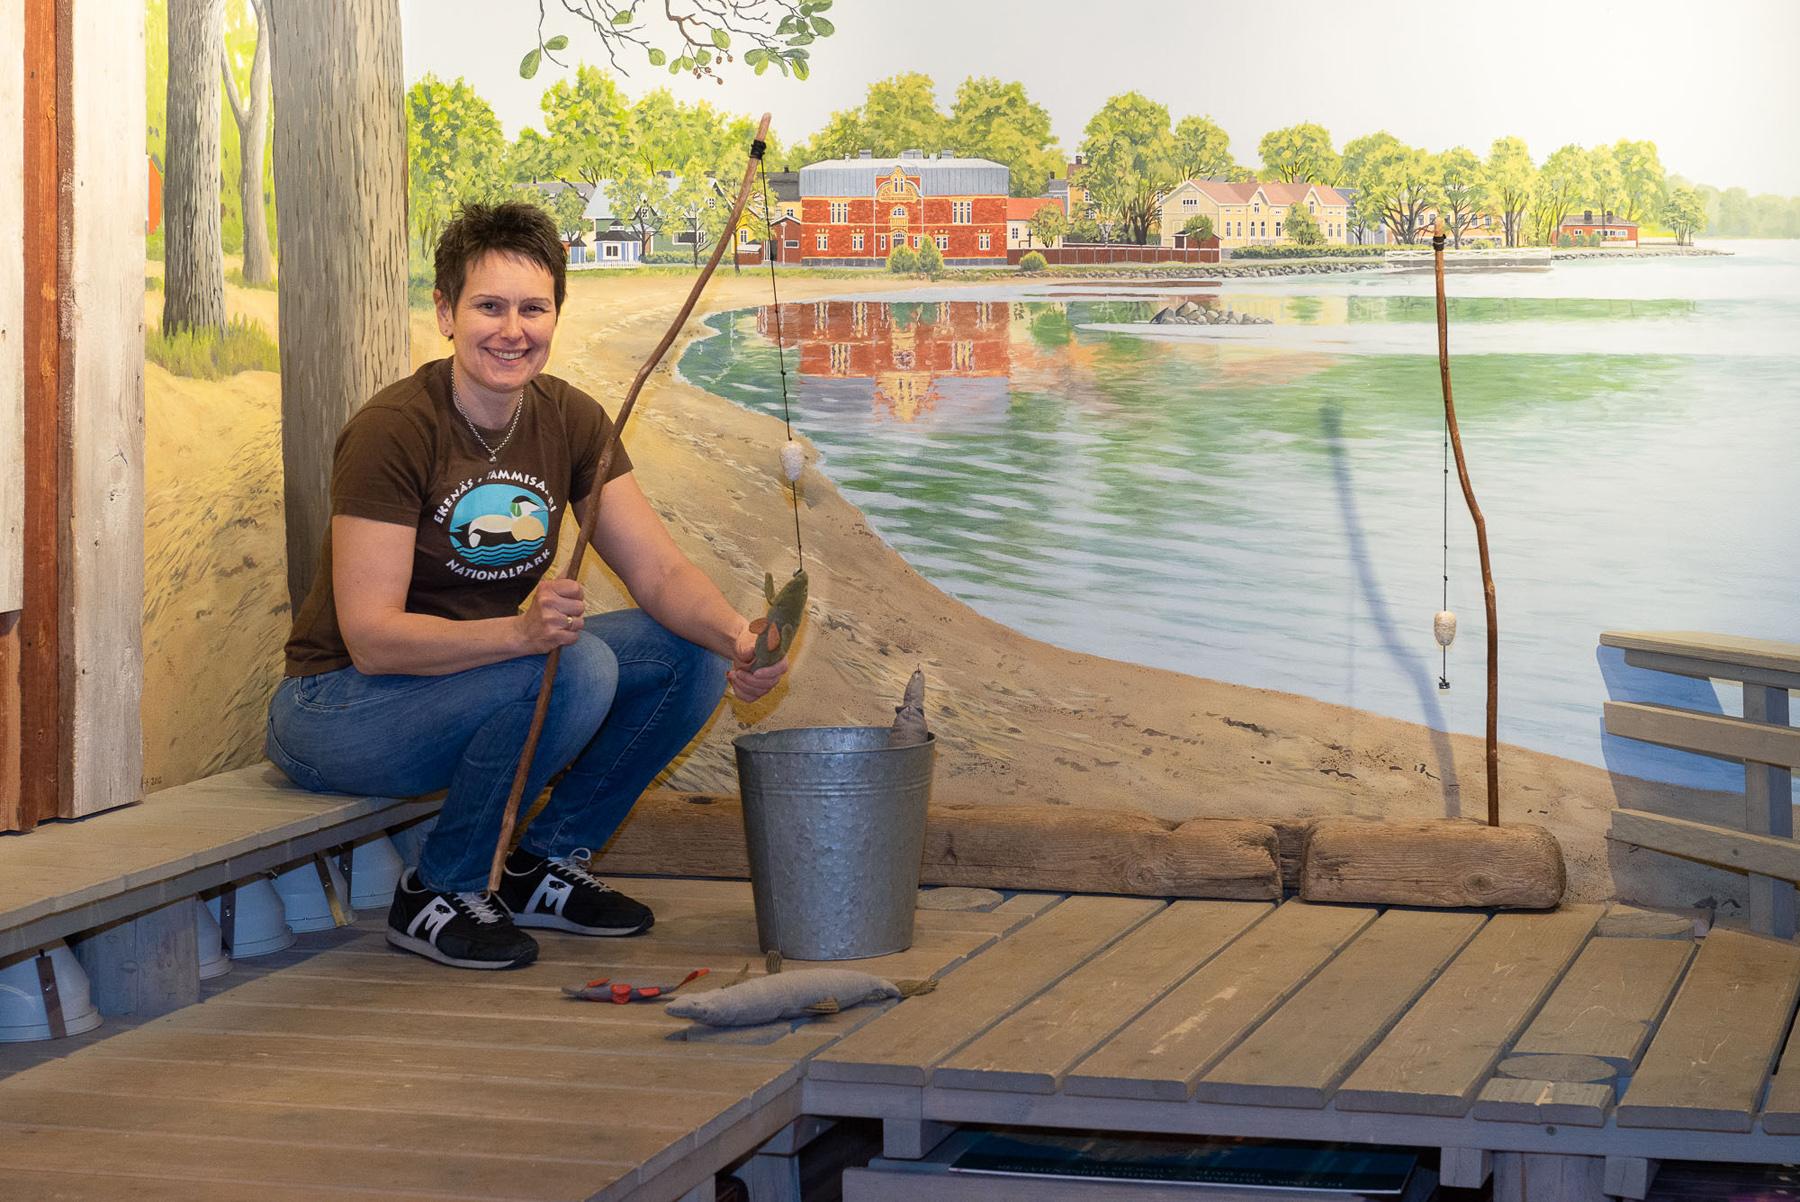 Lotta Söderlund kalastaa pehmolelukaloja luontokeskuksen sisään rakennetulla laiturilla.